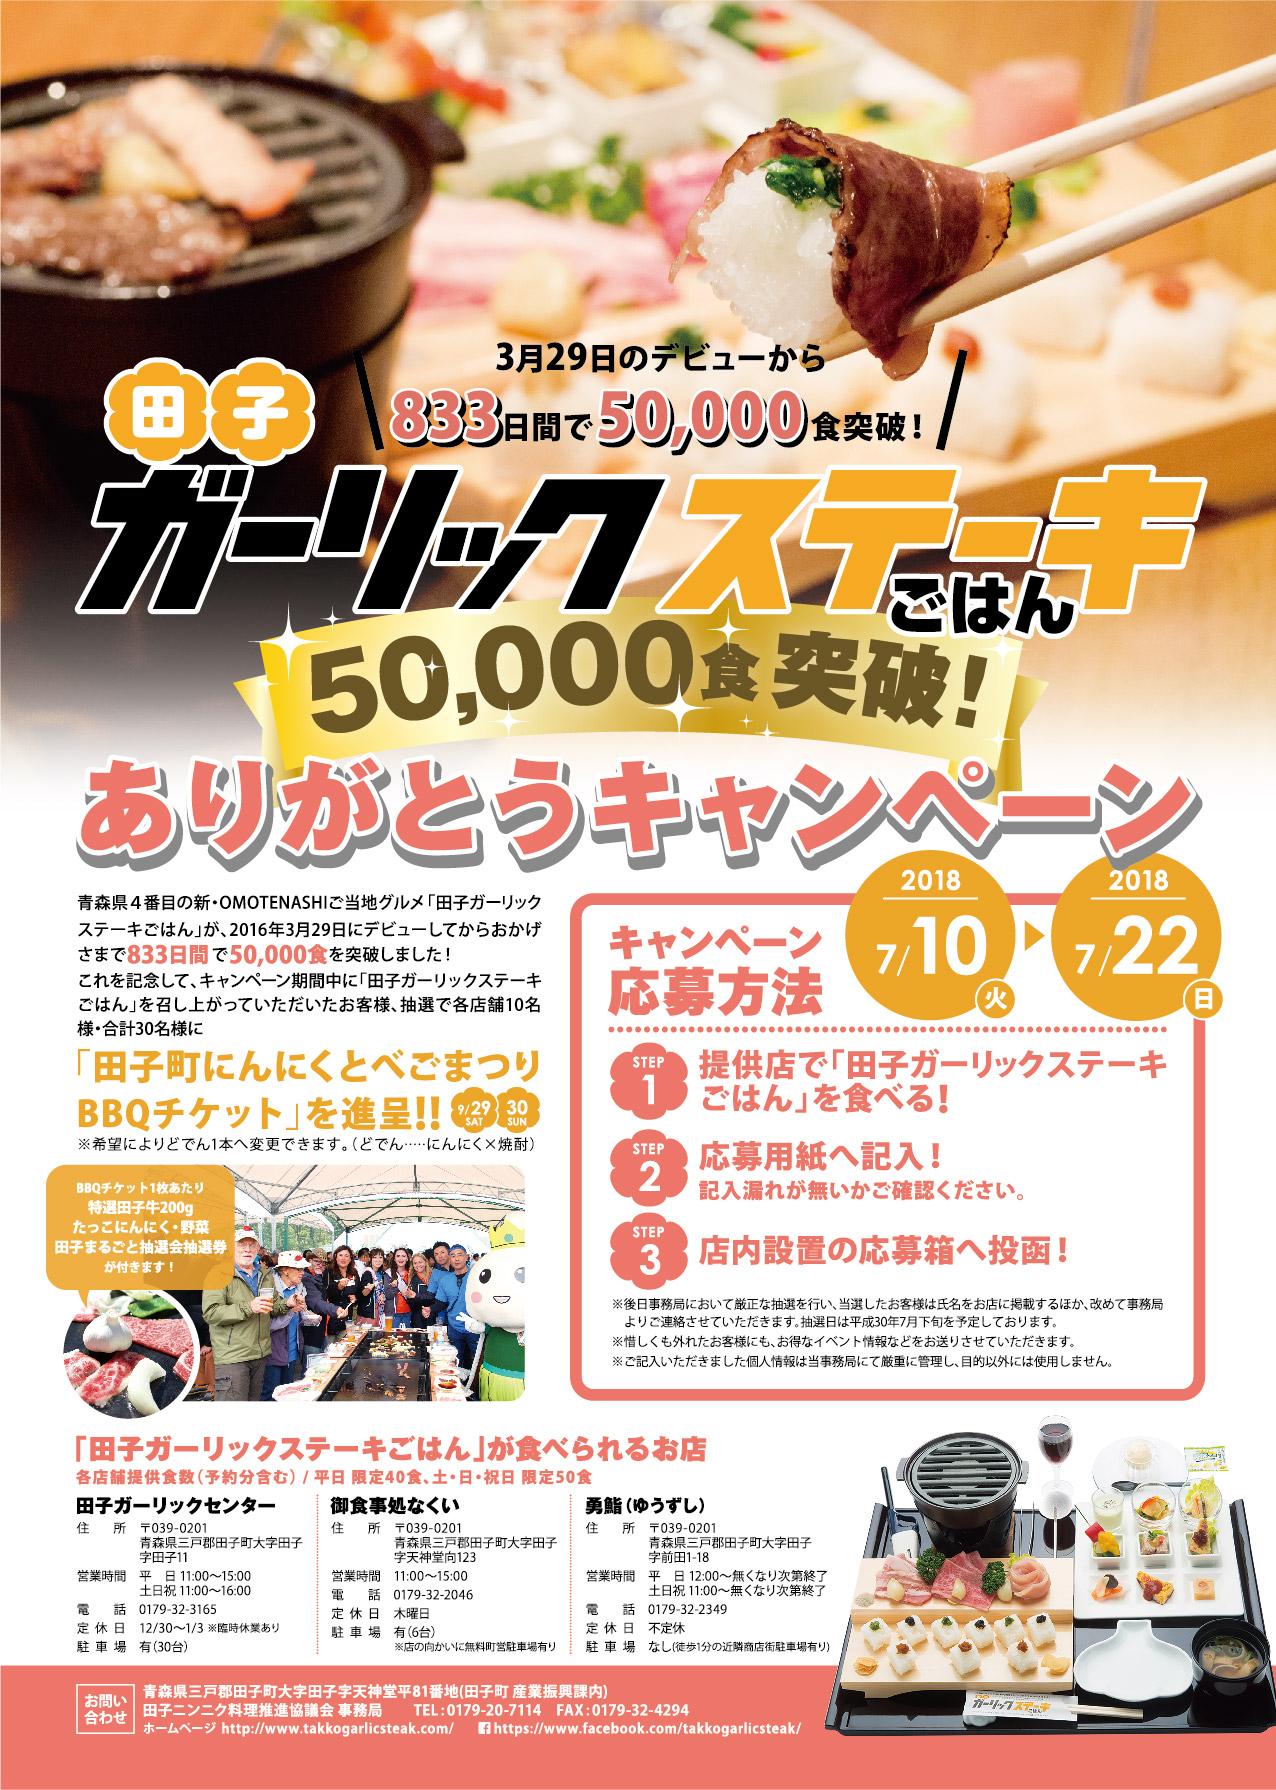 田子ガーリックステーキごはん 50,000食突破!ありがとうキャンペーン